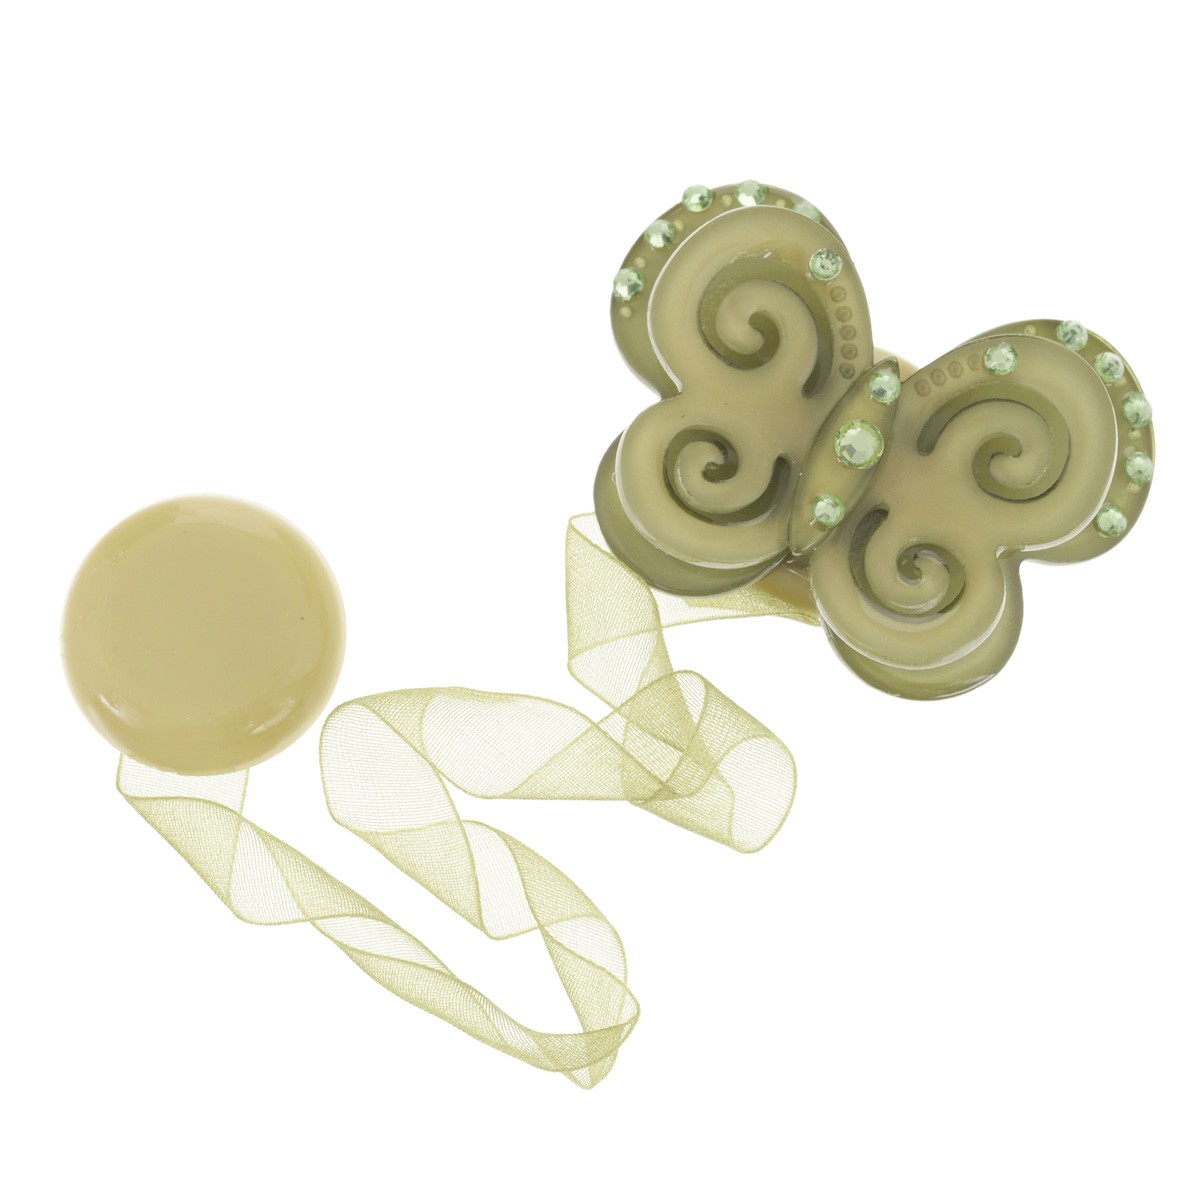 Клипса-магнит для штор Calamita Fiore, цвет: зеленый_7817704010_781Клипса-магнит Calamita Fiore, изготовленная из пластика и текстиля, предназначена для придания формы шторам. Изделие представляет собой два магнита, расположенные на разных концах текстильной ленты. Один из магнитов оформлен декоративной бабочкой со стразами. С помощью такой магнитной клипсы можно зафиксировать портьеры, придать им требуемое положение, сделать складки симметричными или приблизить портьеры, скрепить их. Клипсы для штор являются универсальным изделием, которое превосходно подойдет как для штор в детской комнате, так и для штор в гостиной. Следует отметить, что клипсы для штор выполняют не только практическую функцию, но также являются одной из основных деталей декора этого изделия, которая придает шторам восхитительный, стильный внешний вид. Материал: пластик, полиэстер, магнит.Размер бабочки: 5,5 см. х 4,5 см.Диаметр магнита: 2,5 см.Длина ленты: 28 см.